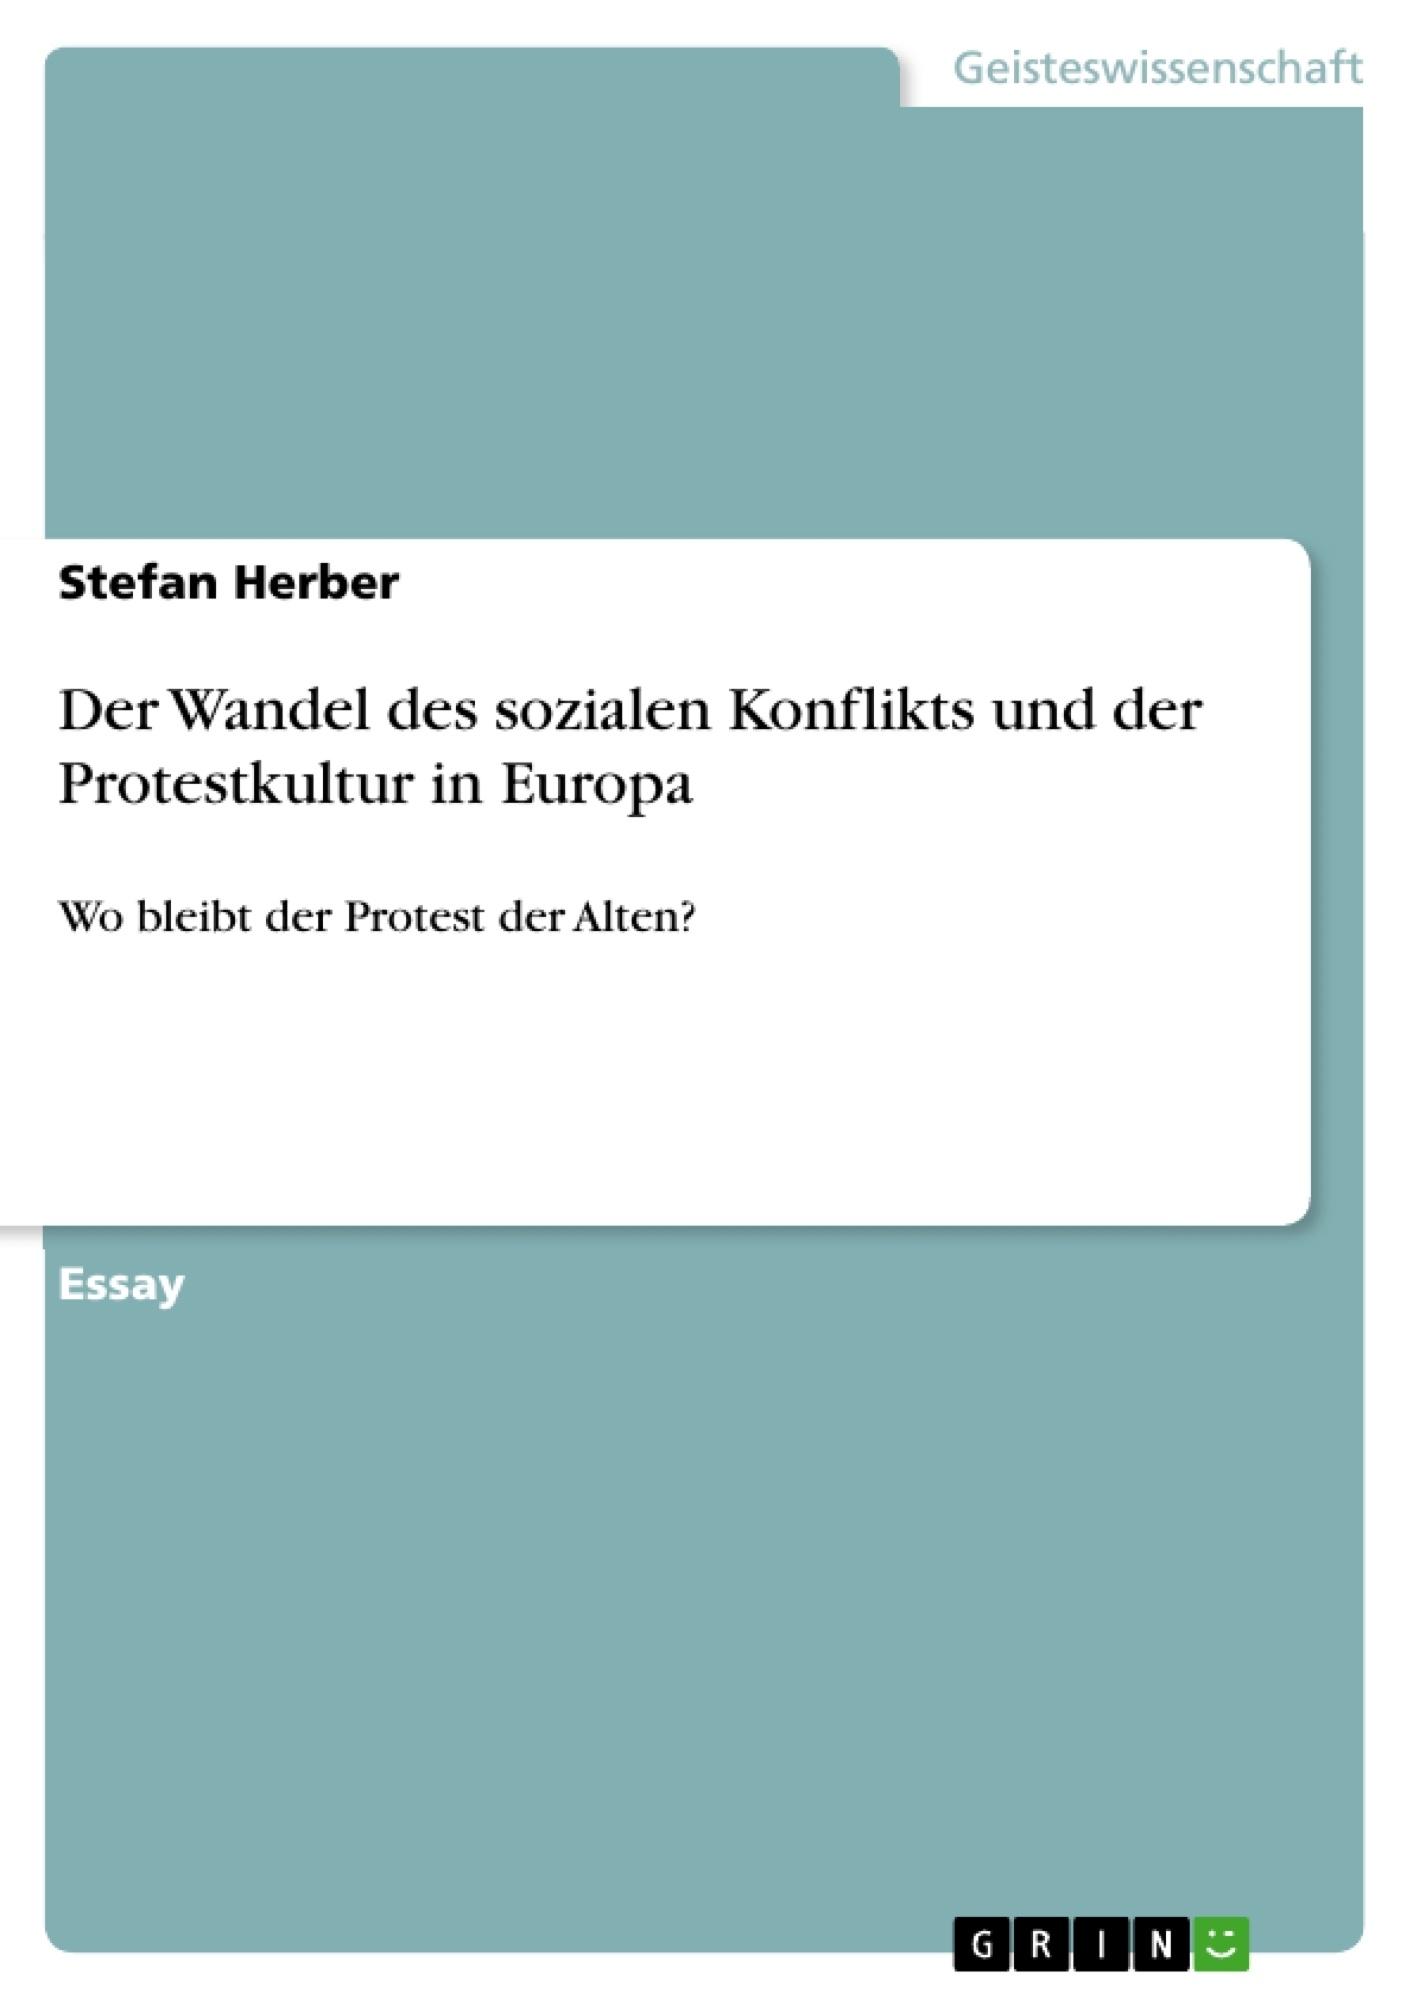 Titel: Der Wandel des sozialen Konflikts und der Protestkultur in Europa